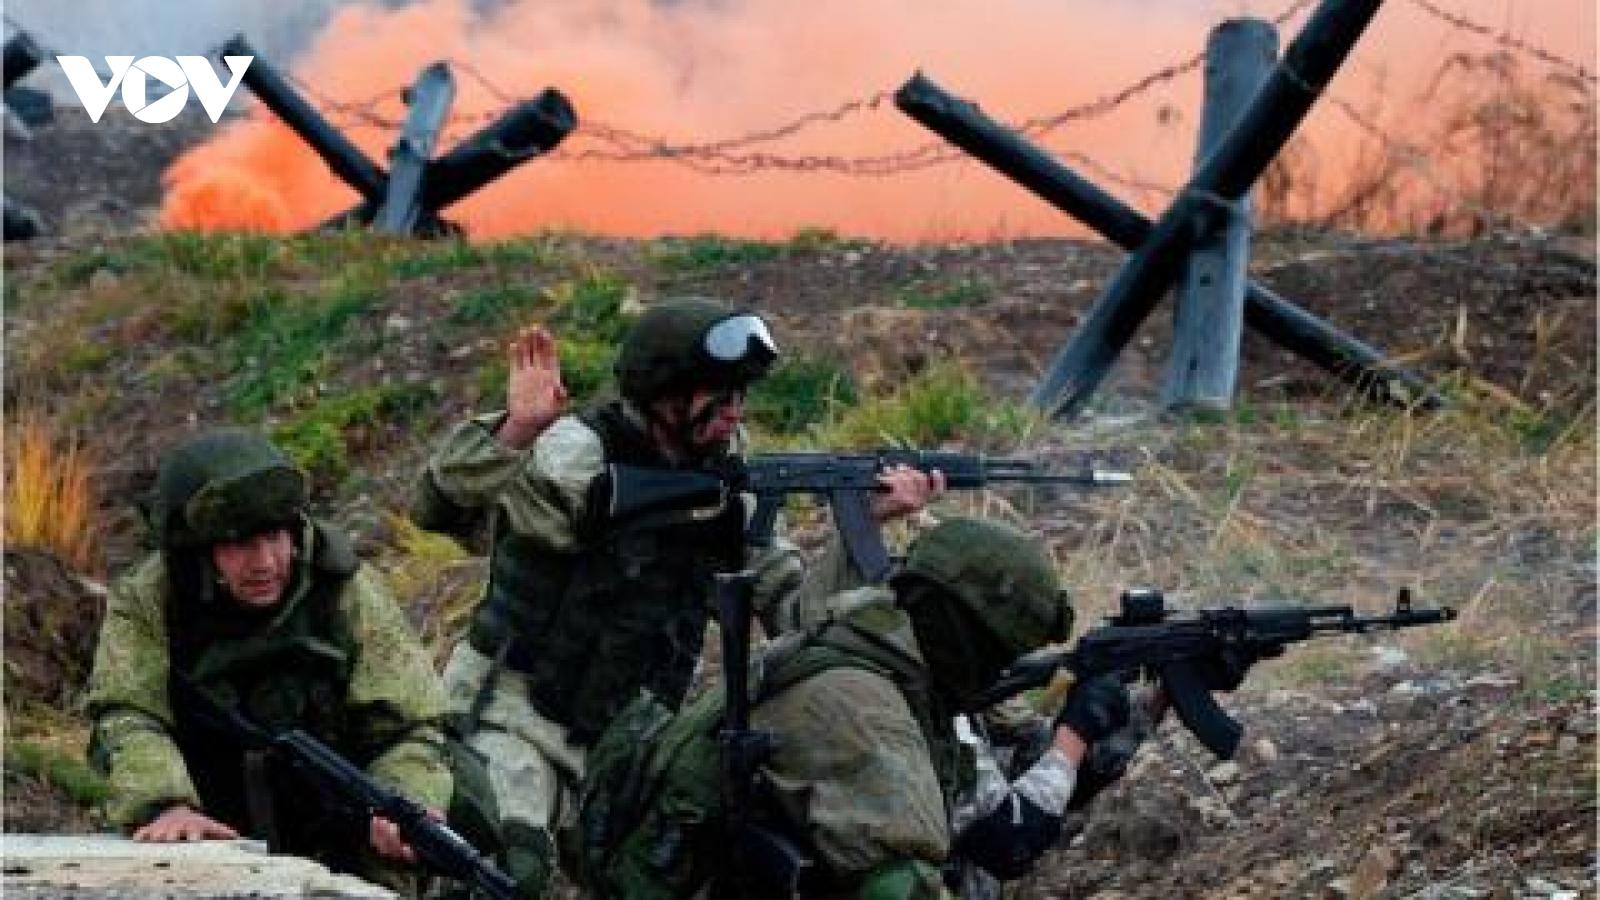 Xem lính thủy đánh bộ Nga chinh phục thử thách, vượt chướng ngại vật